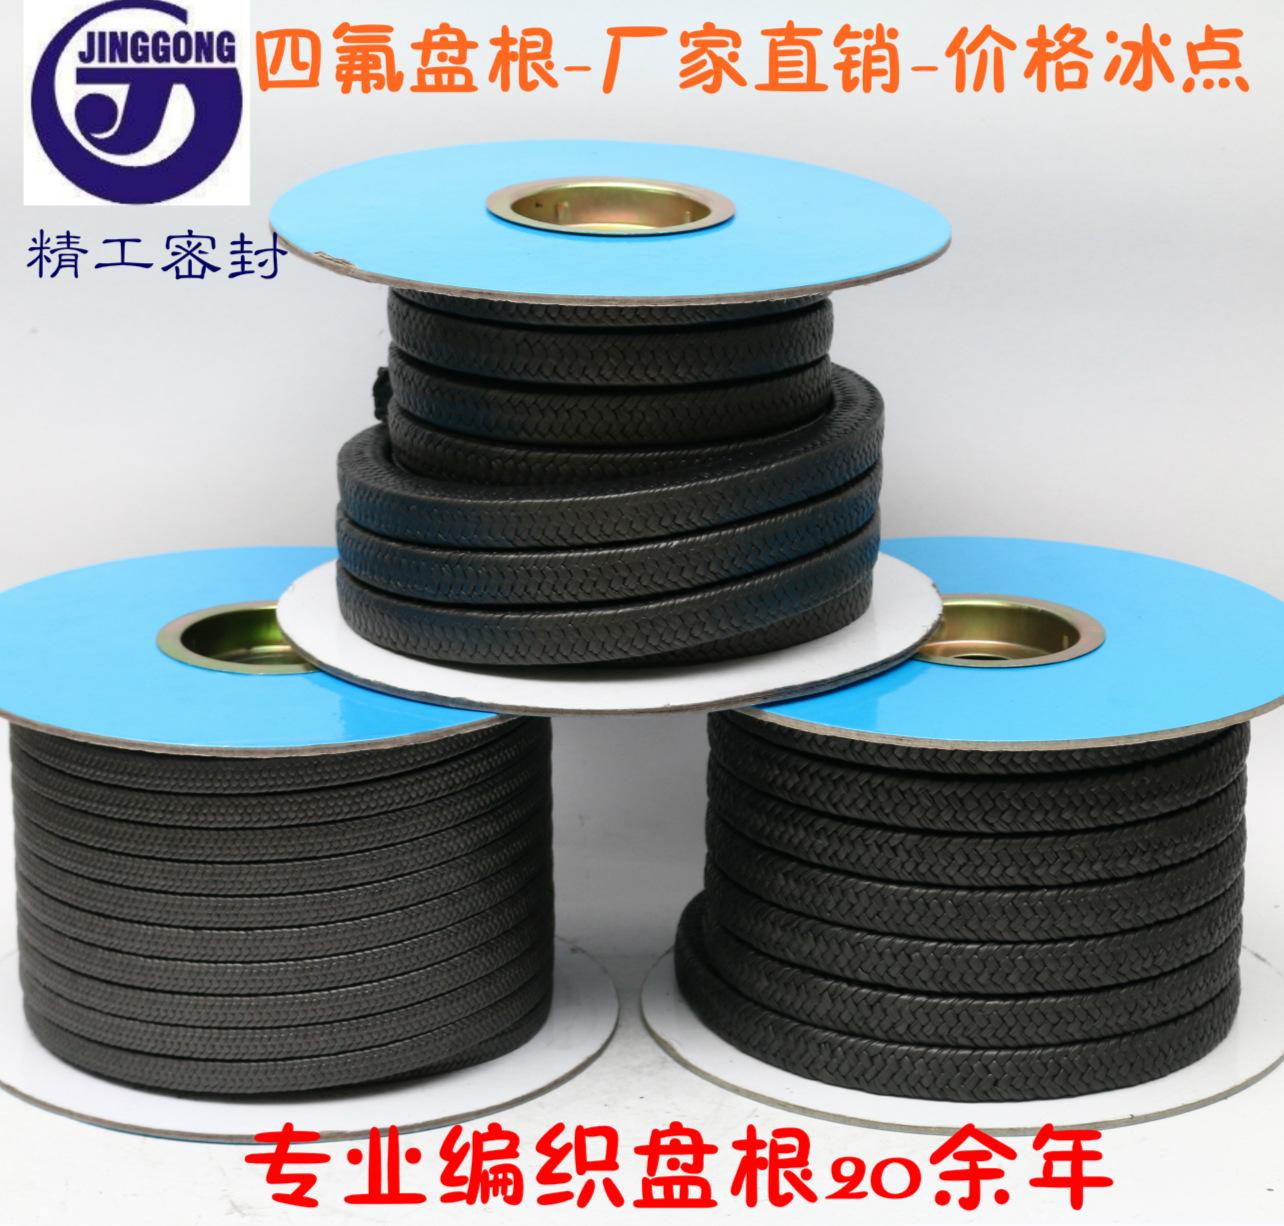 黑四氟盘根 芳纶盘根 金芳纶盘根 碳纤维盘根 石墨 予氧丝 割裂丝